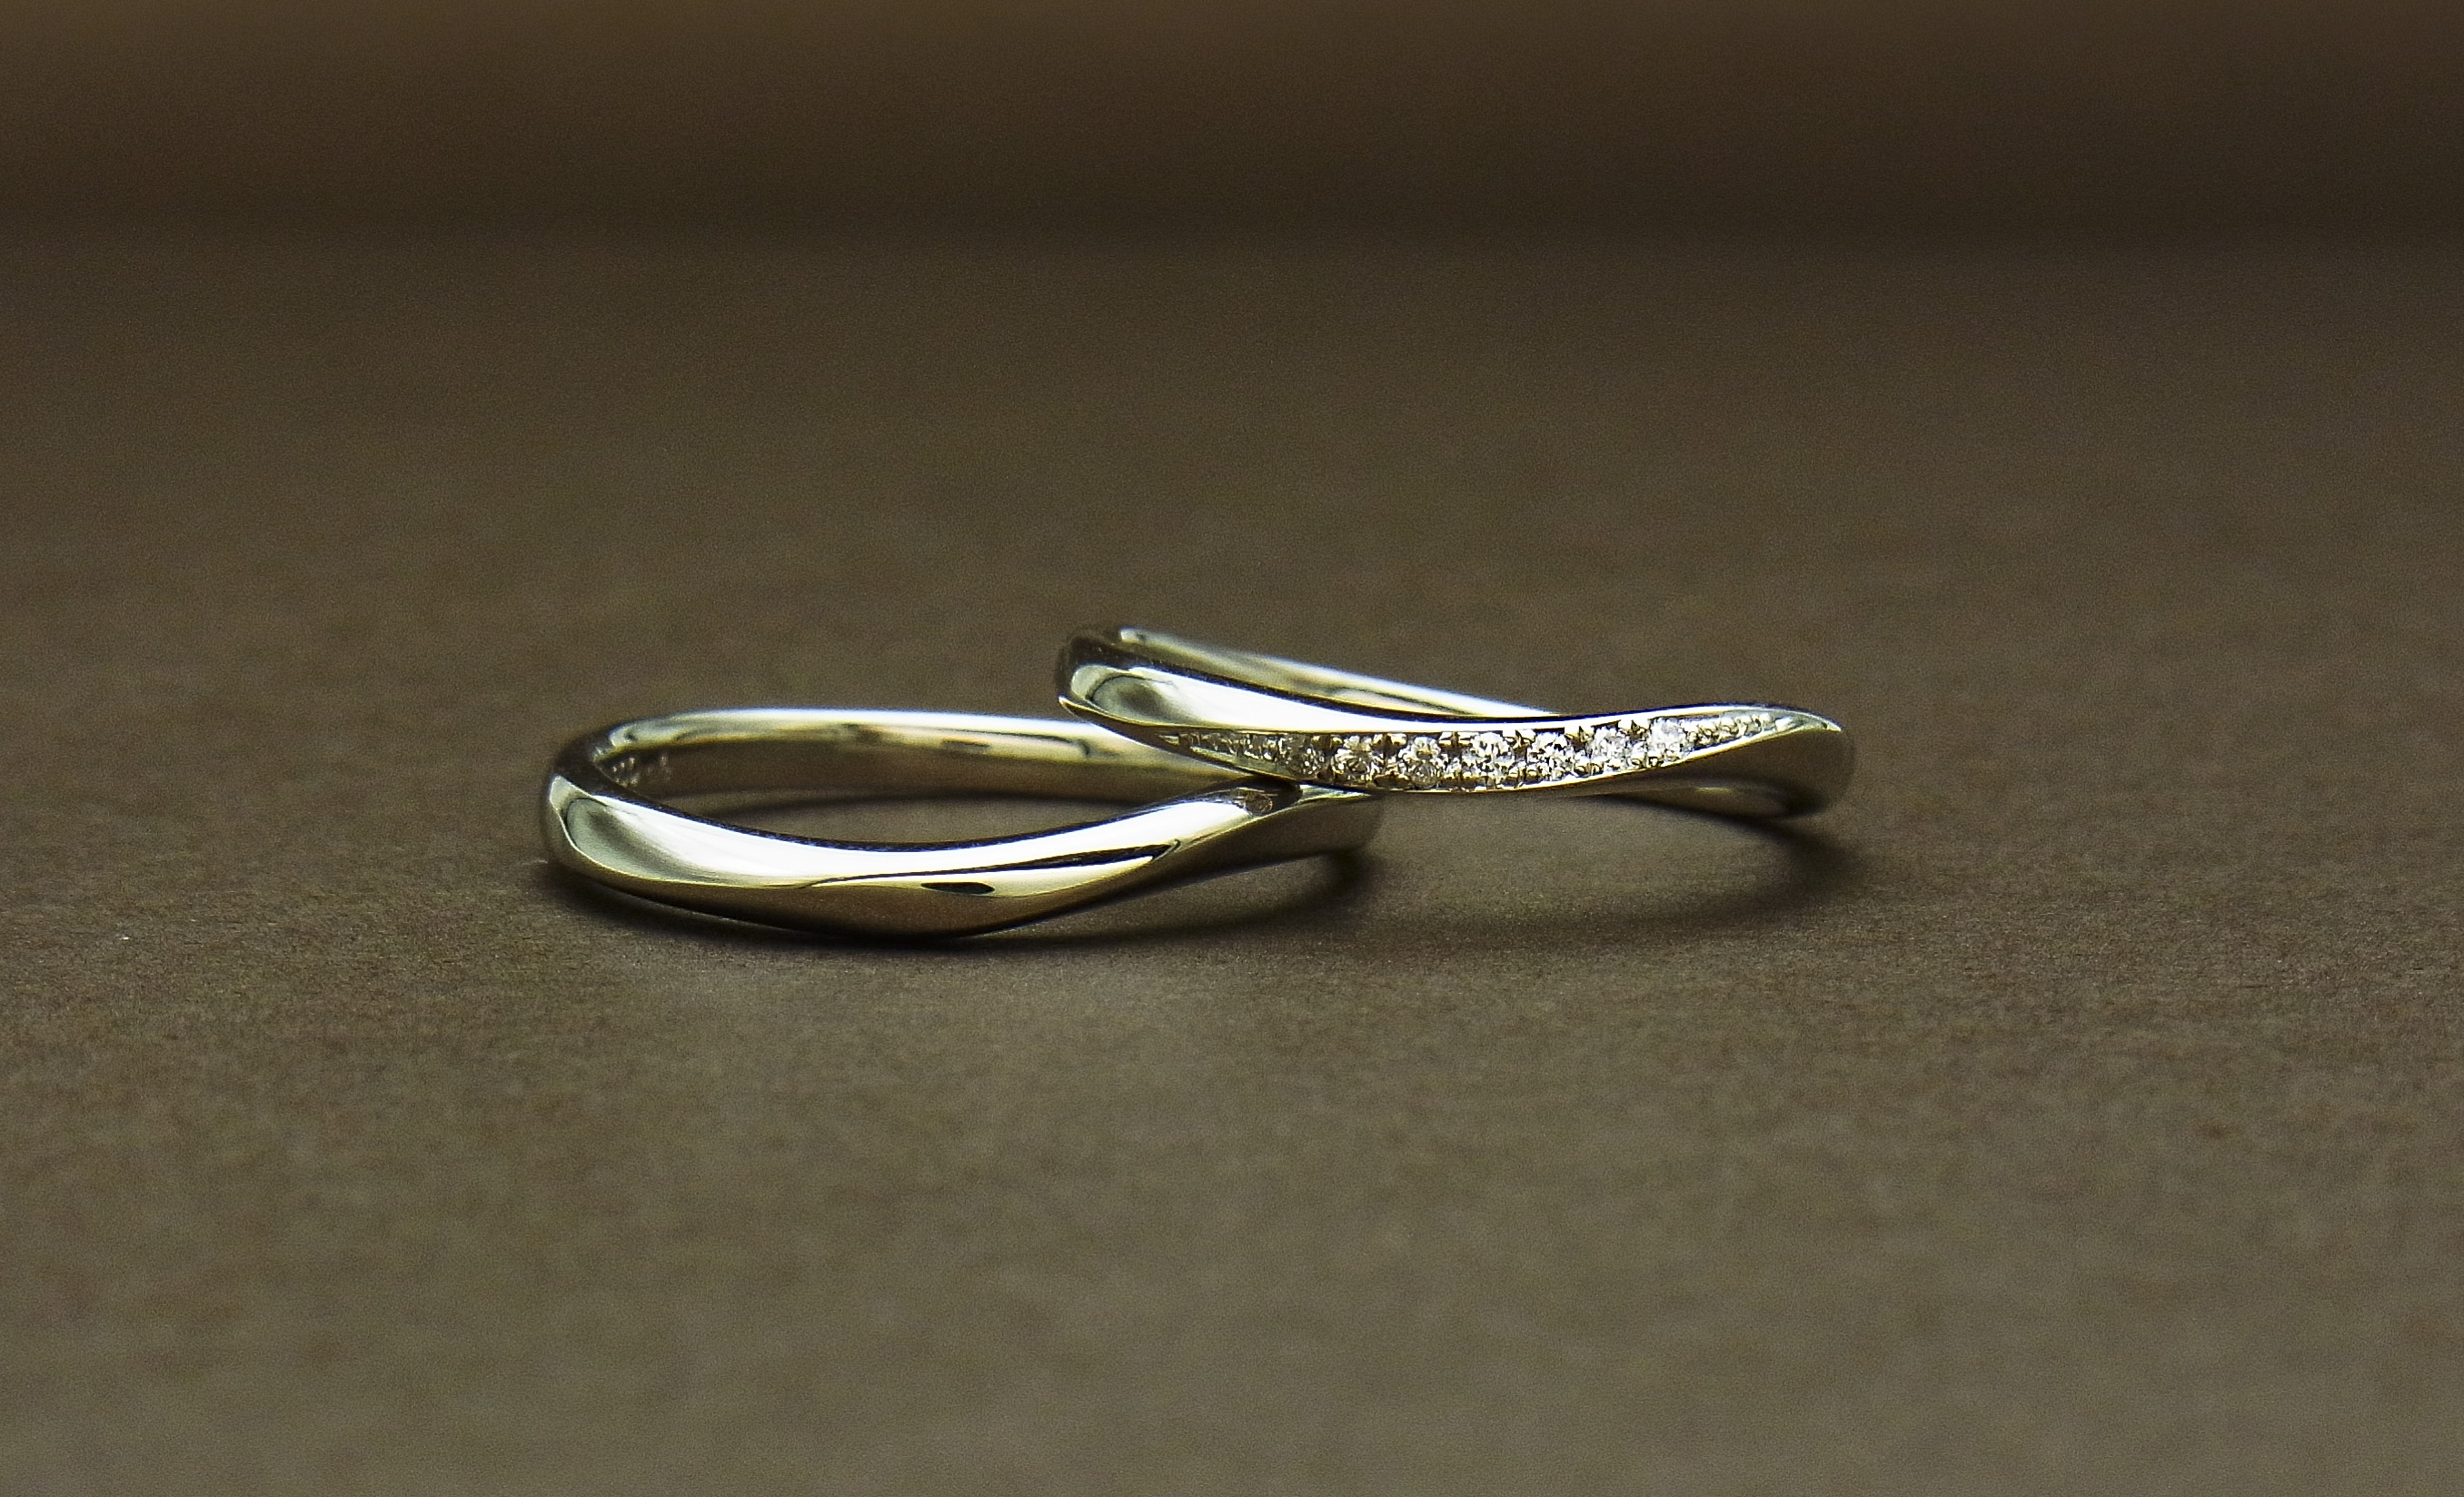 ウェーブライン結婚指輪